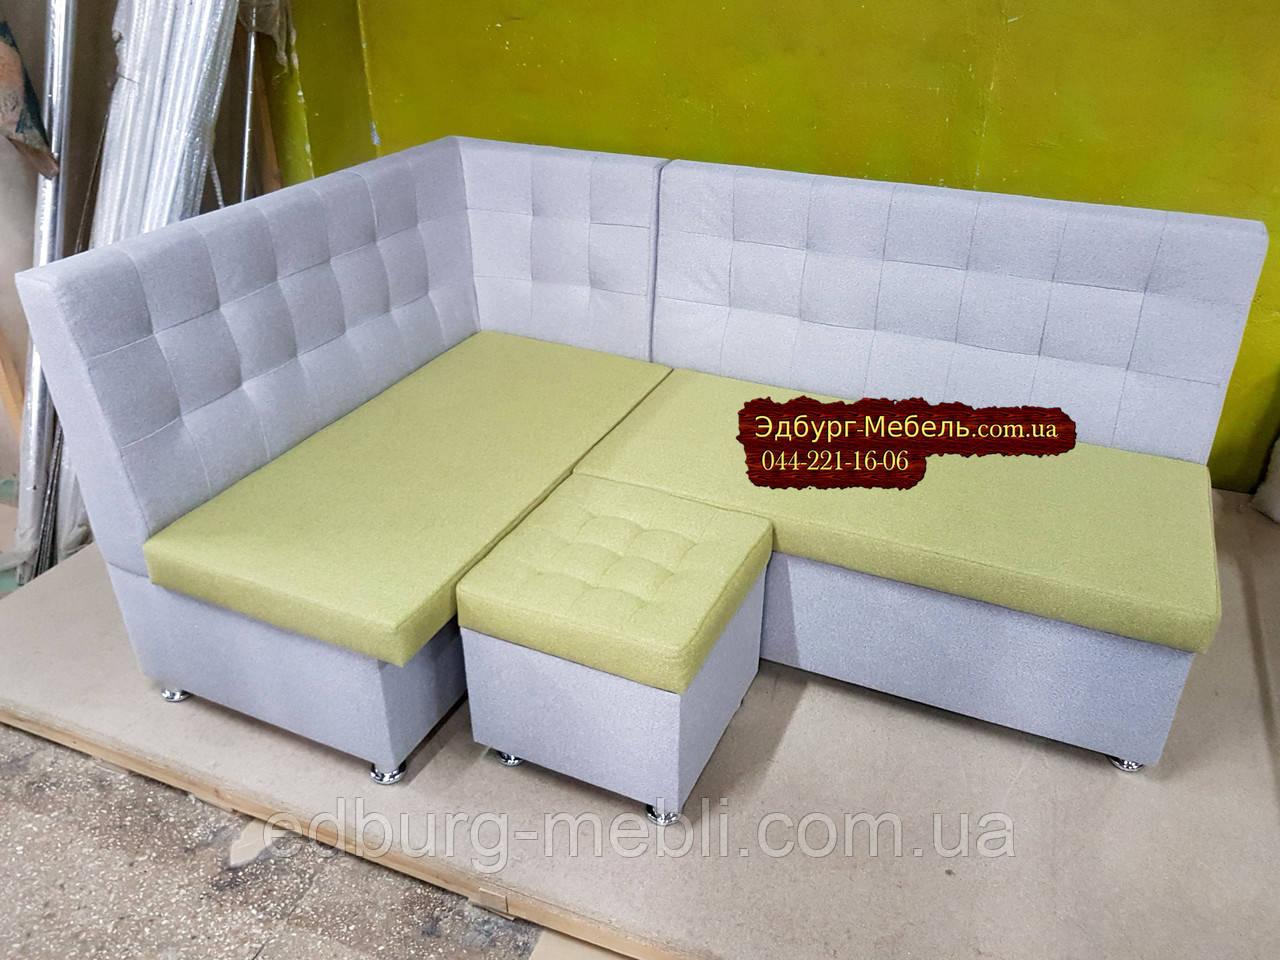 кухонные диваны со спальным местом продажа цена в киеве кухонные